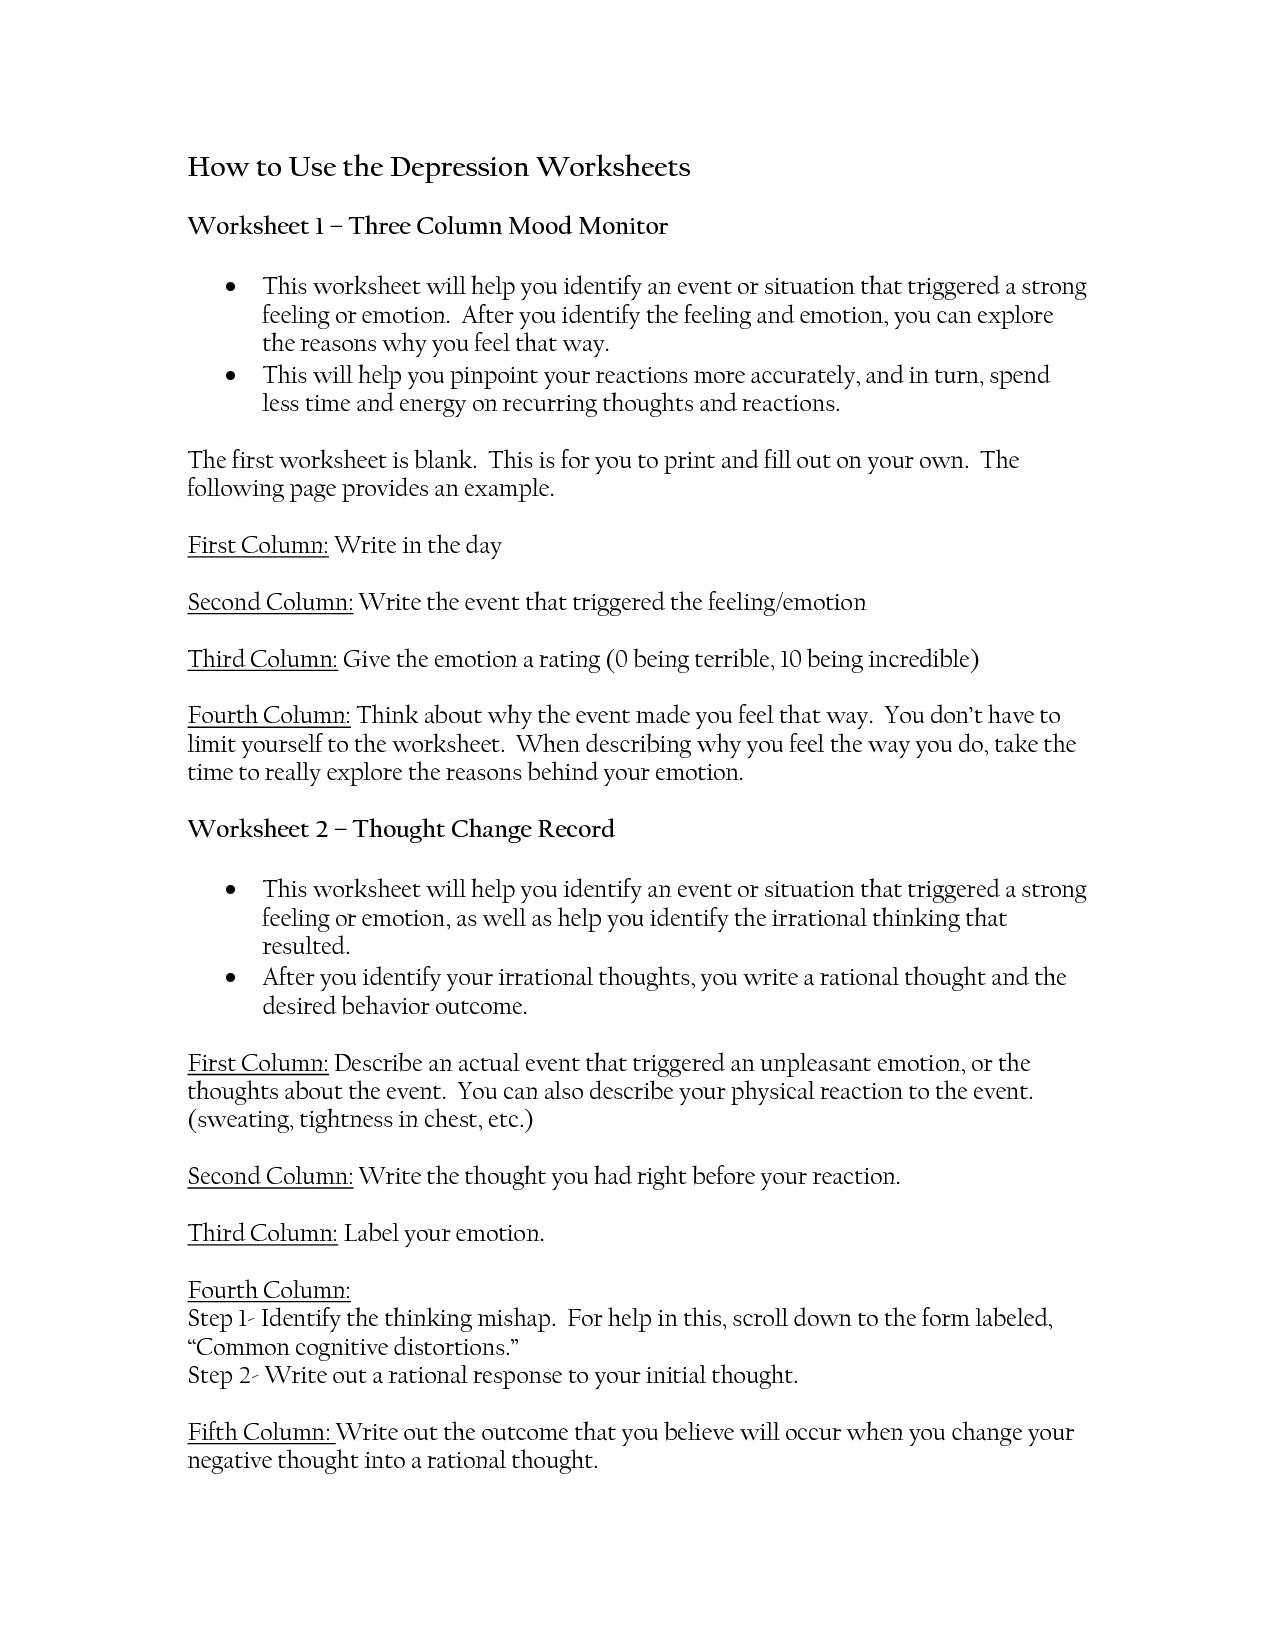 Worksheets Rational Emotive Therapy Worksheet rational emotive therapy worksheet switchconf depression pinterest